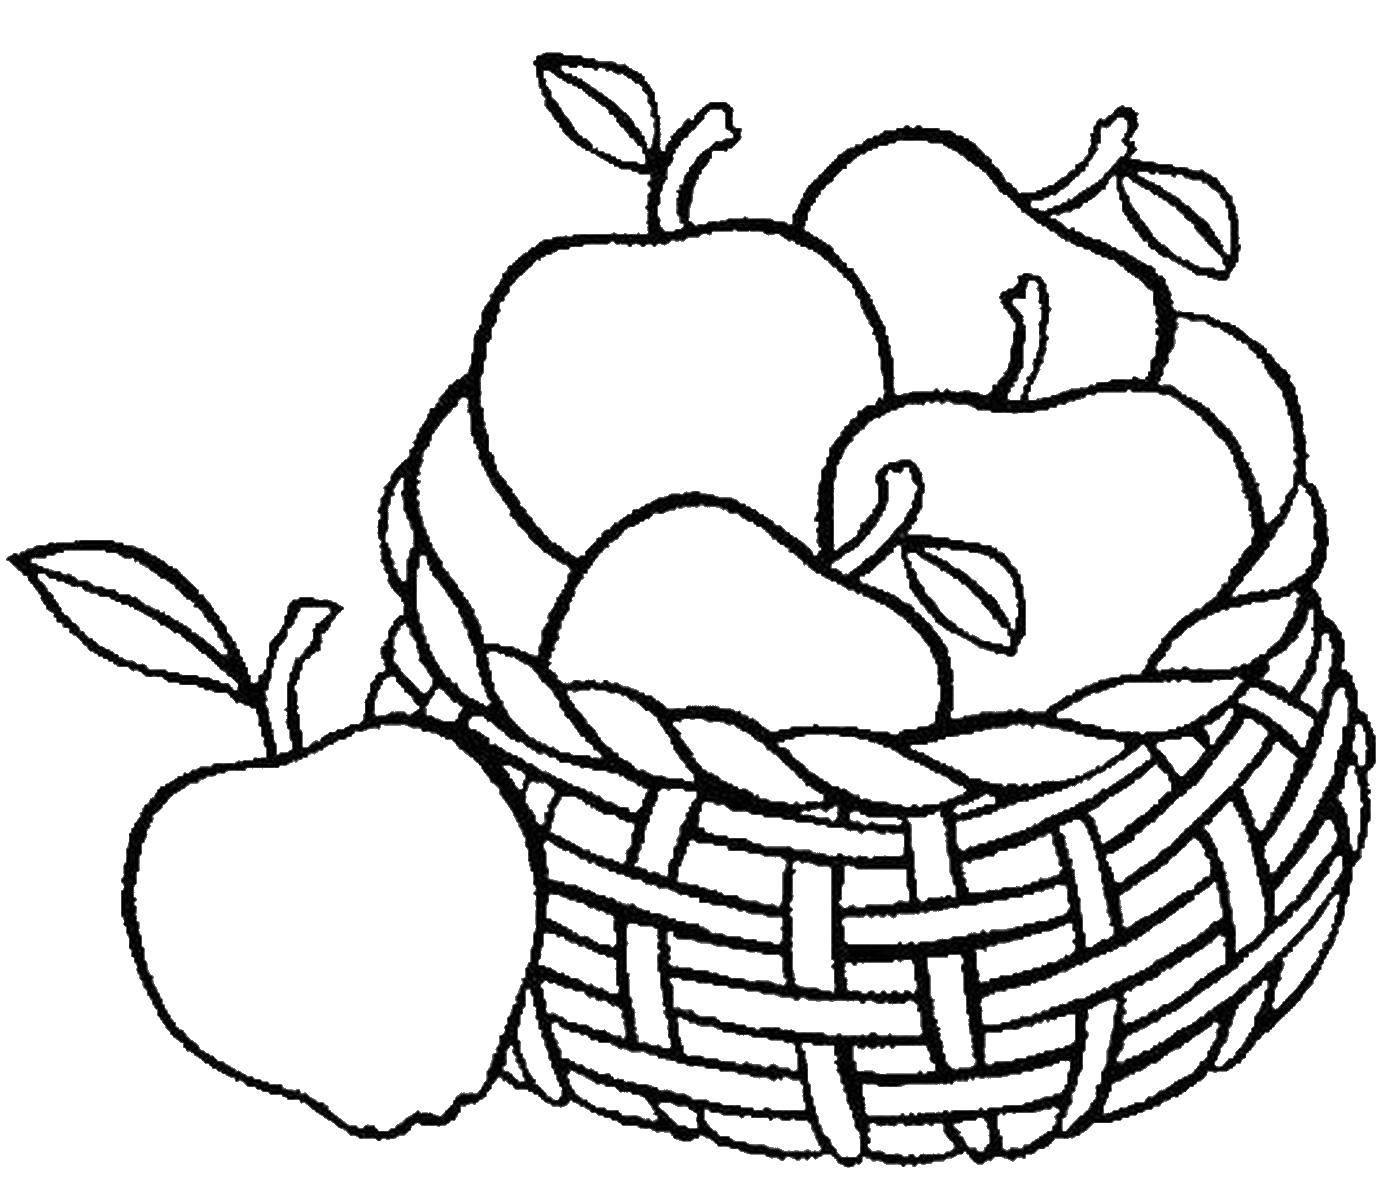 корзина с фруктами картинка для раскрашивания